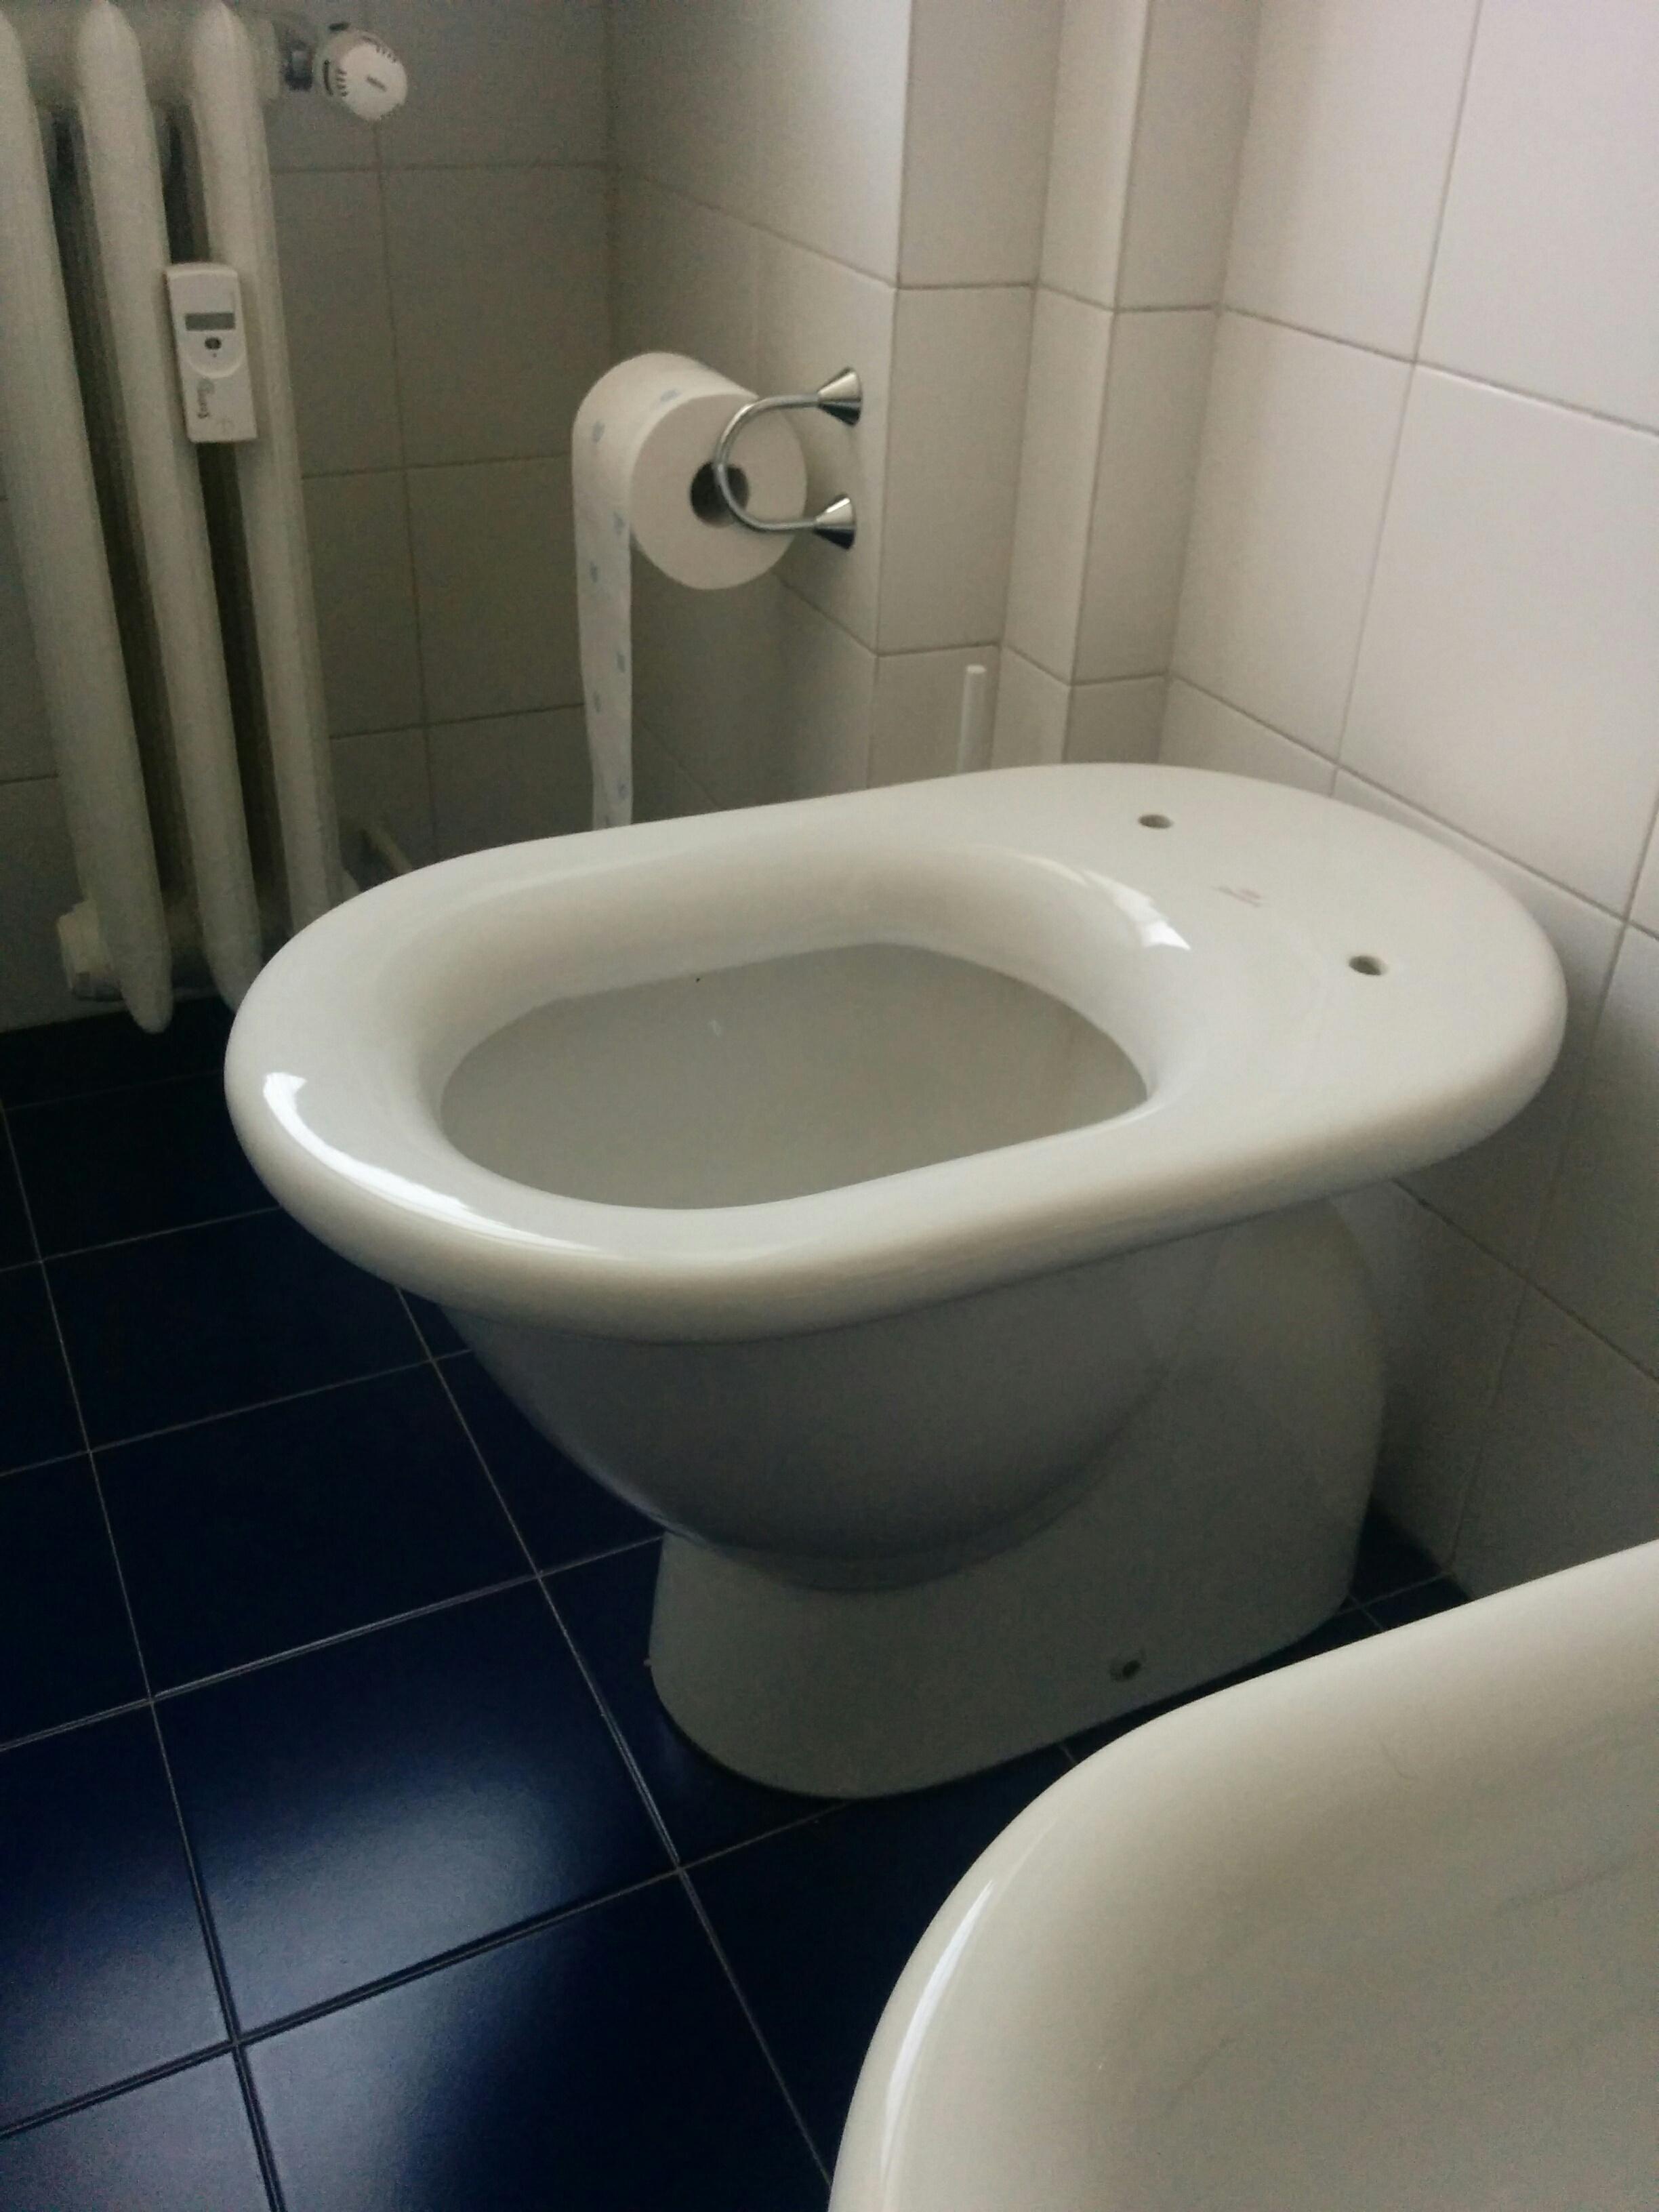 Sedile Fiorile Ideal Standard.Sedile Wc Copriwater Per Modello Fiorile Marca Ideal Standard 59